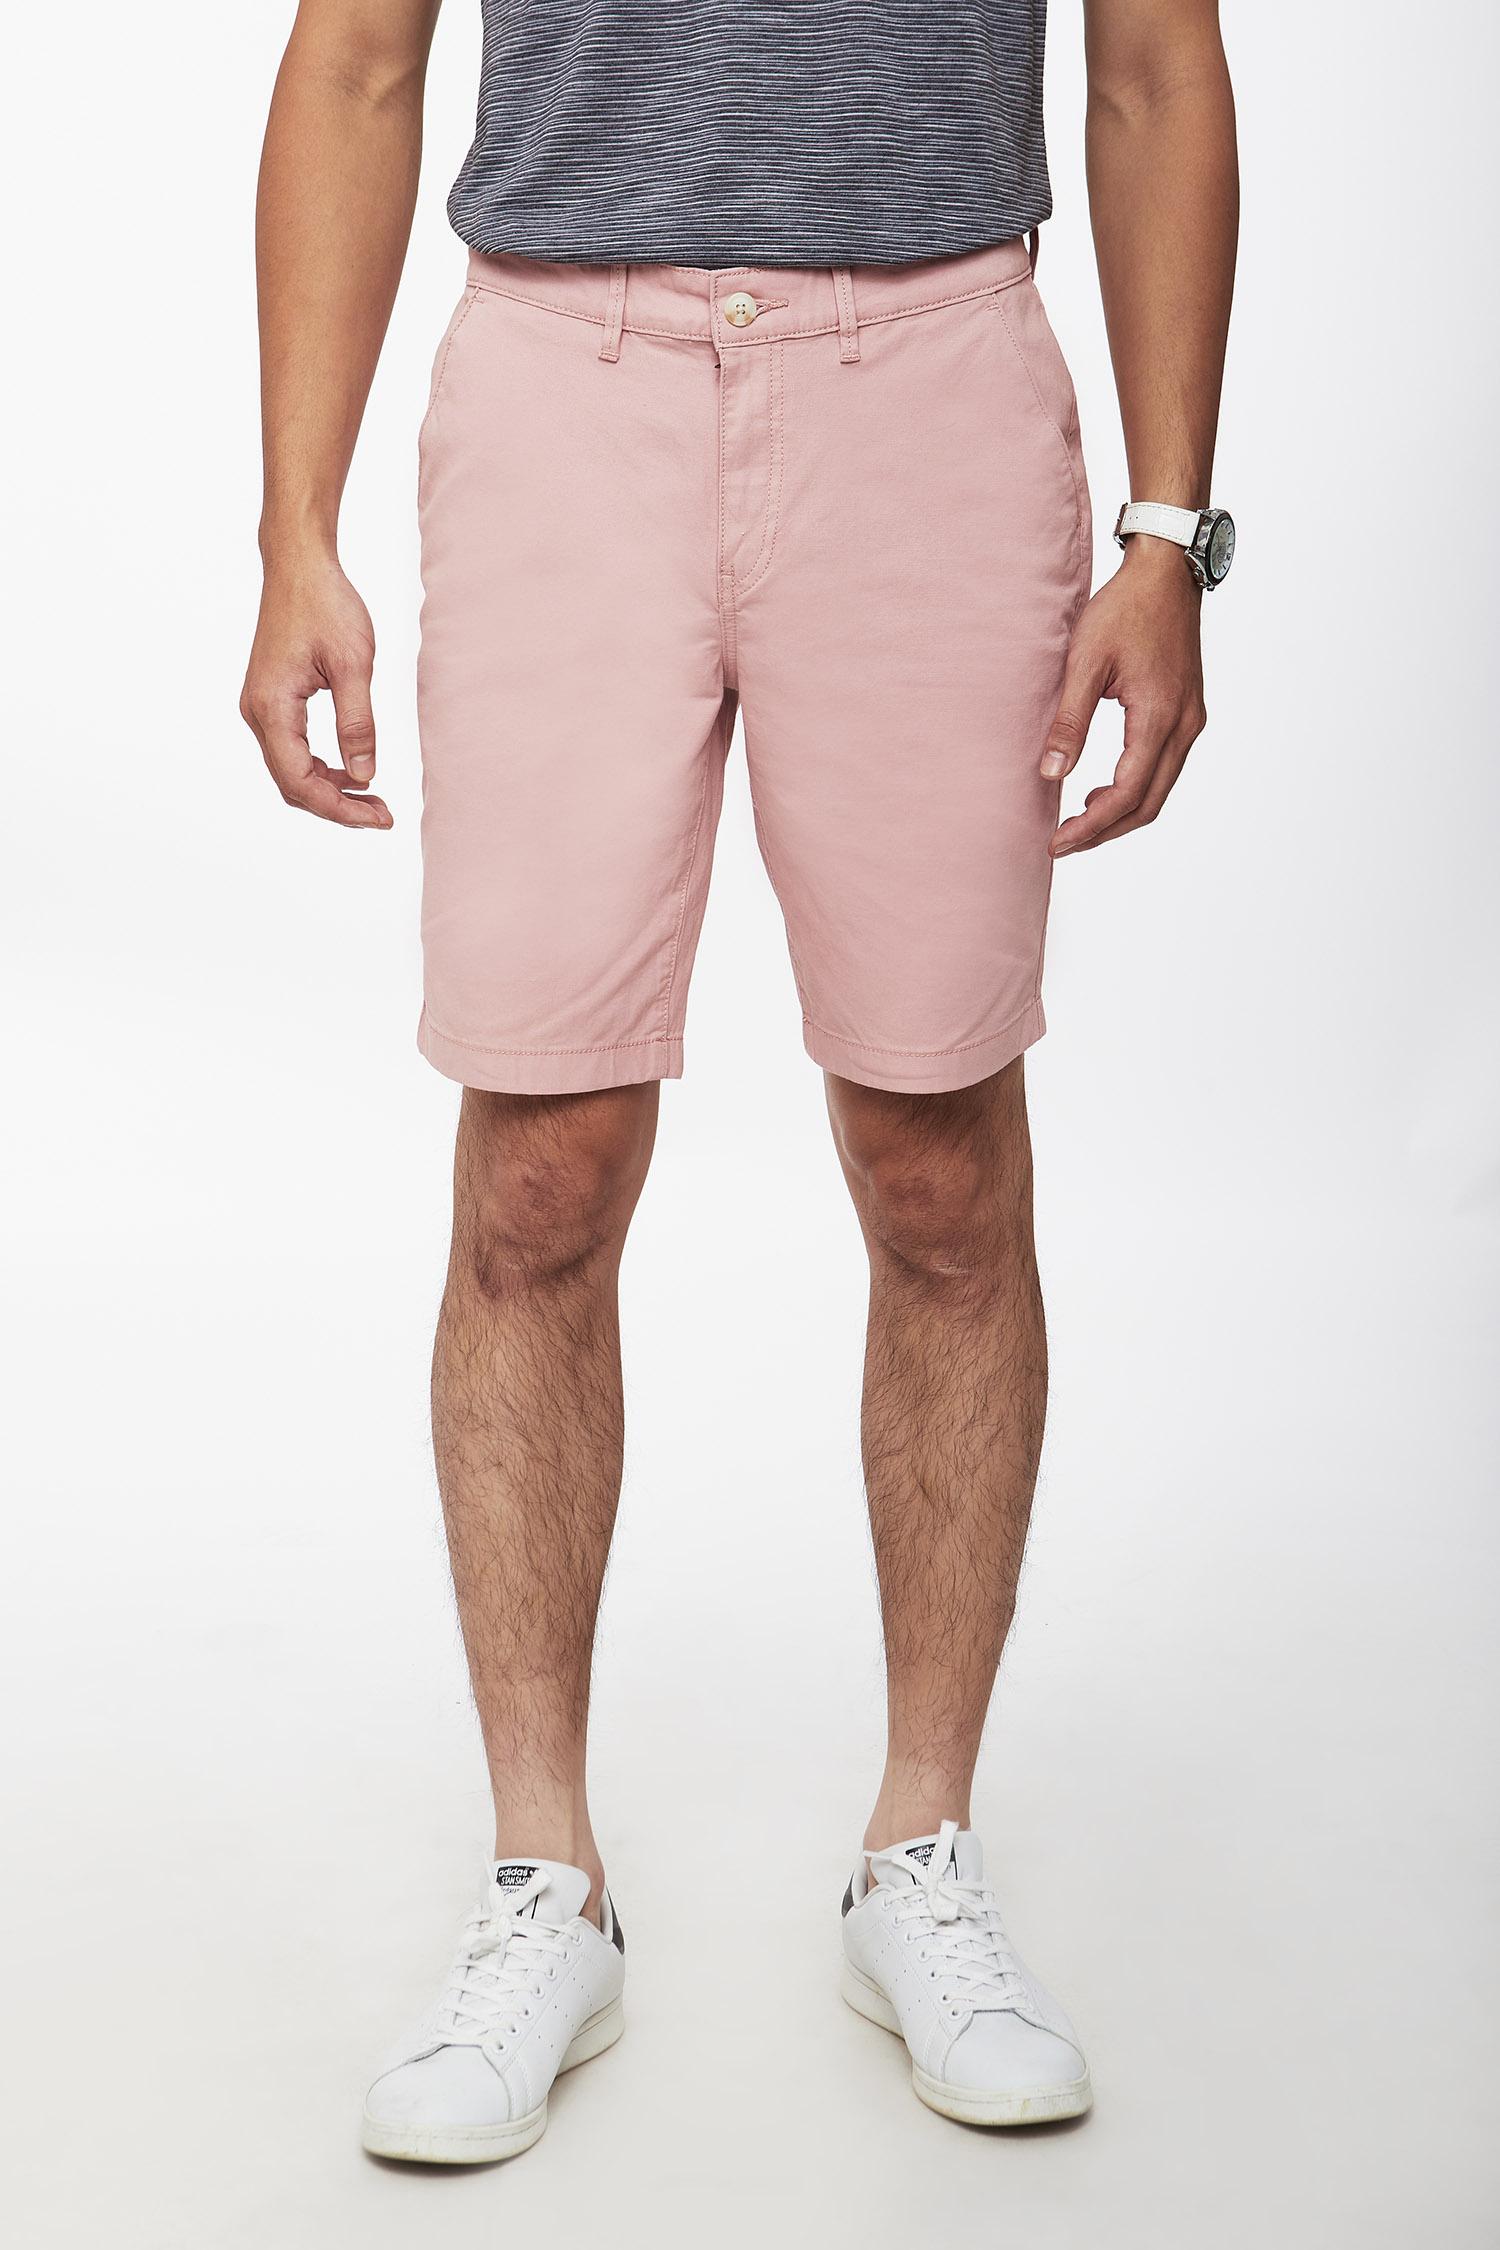 quần short nam - 1907093